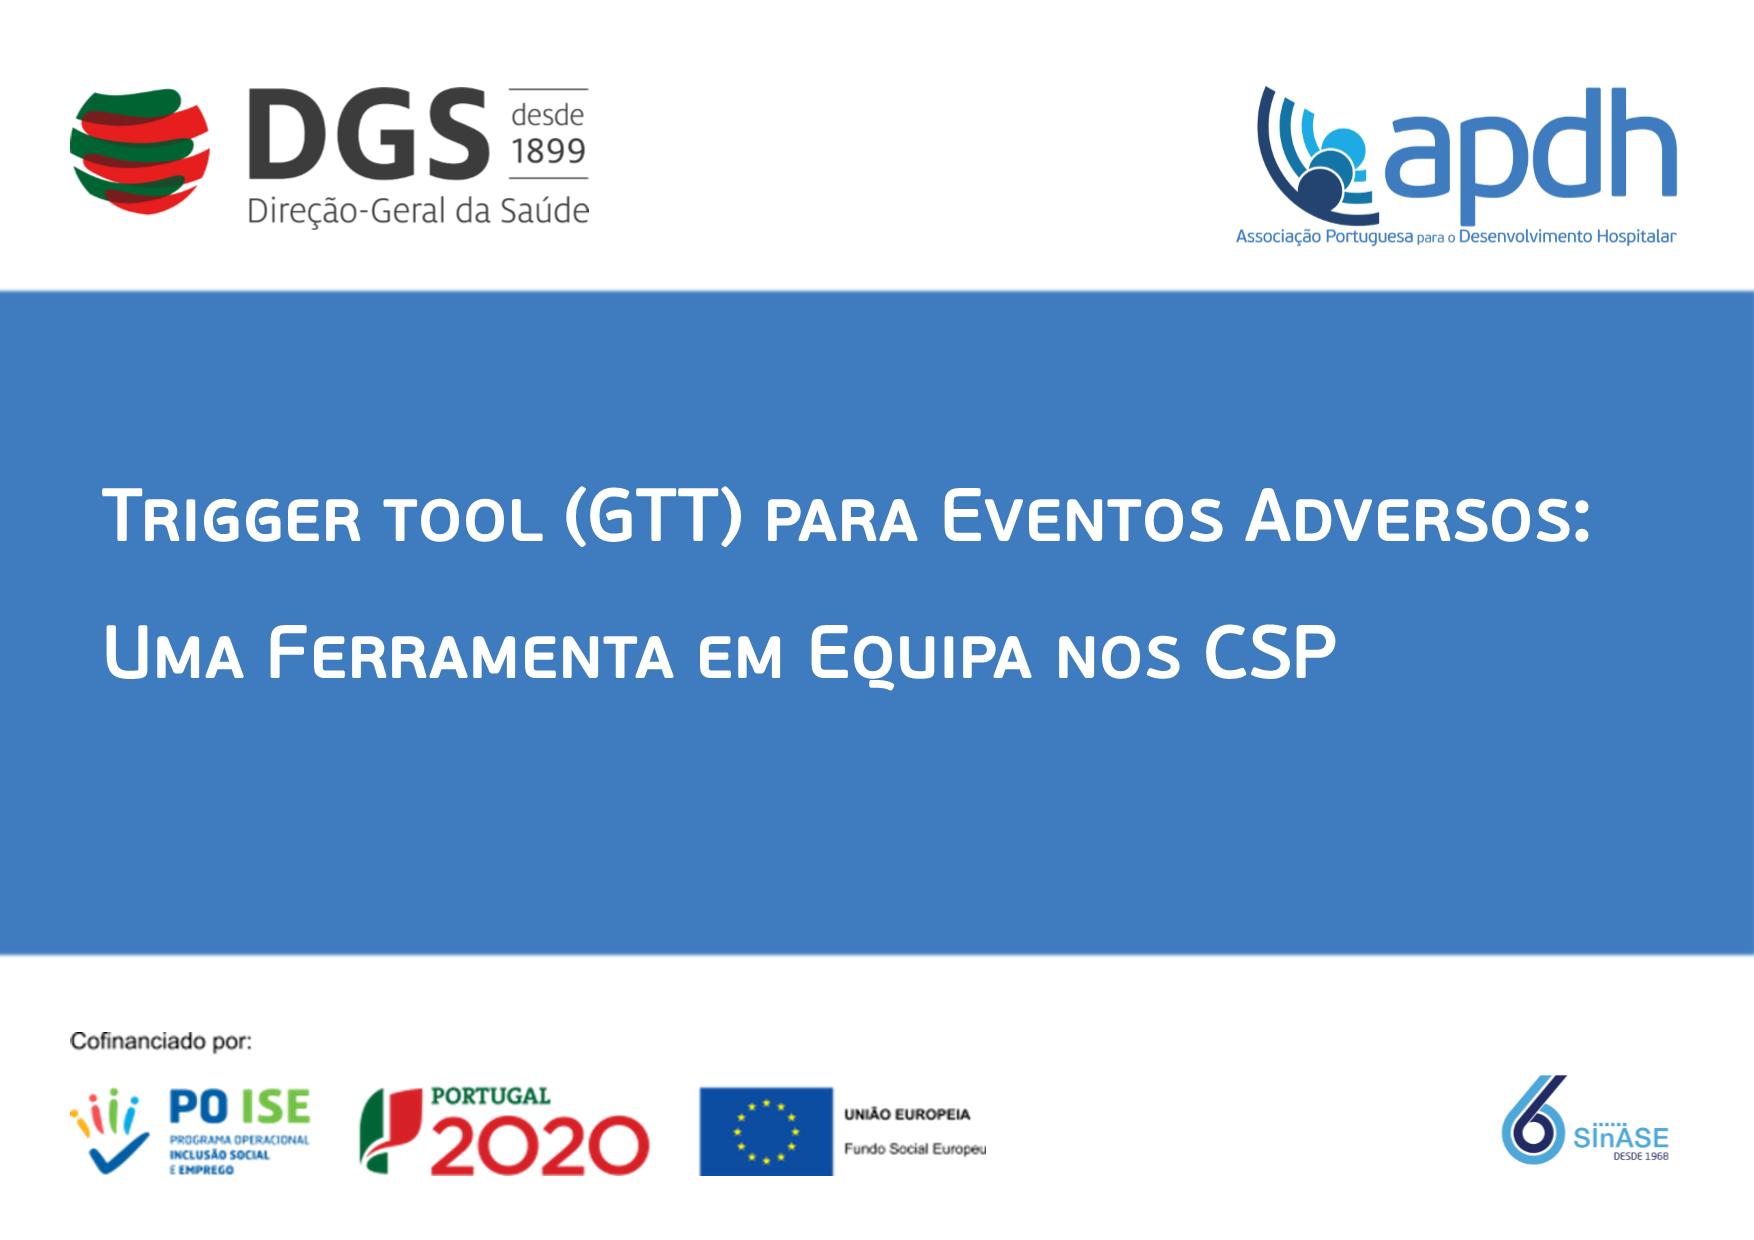 Trigger Tool para Eventos Adversos Uma ferramenta em equipa nos CSP.png